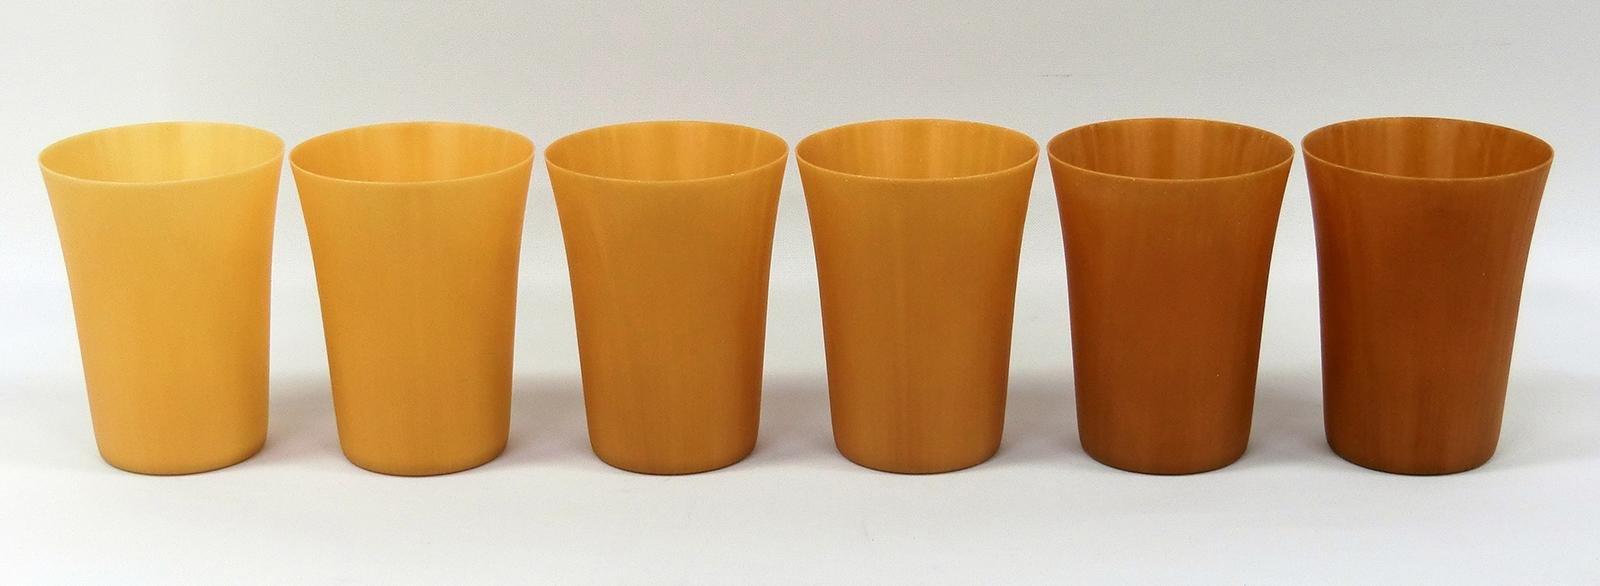 写真:高濃度セルロースファイバー成形材料を活用したリユースカップ